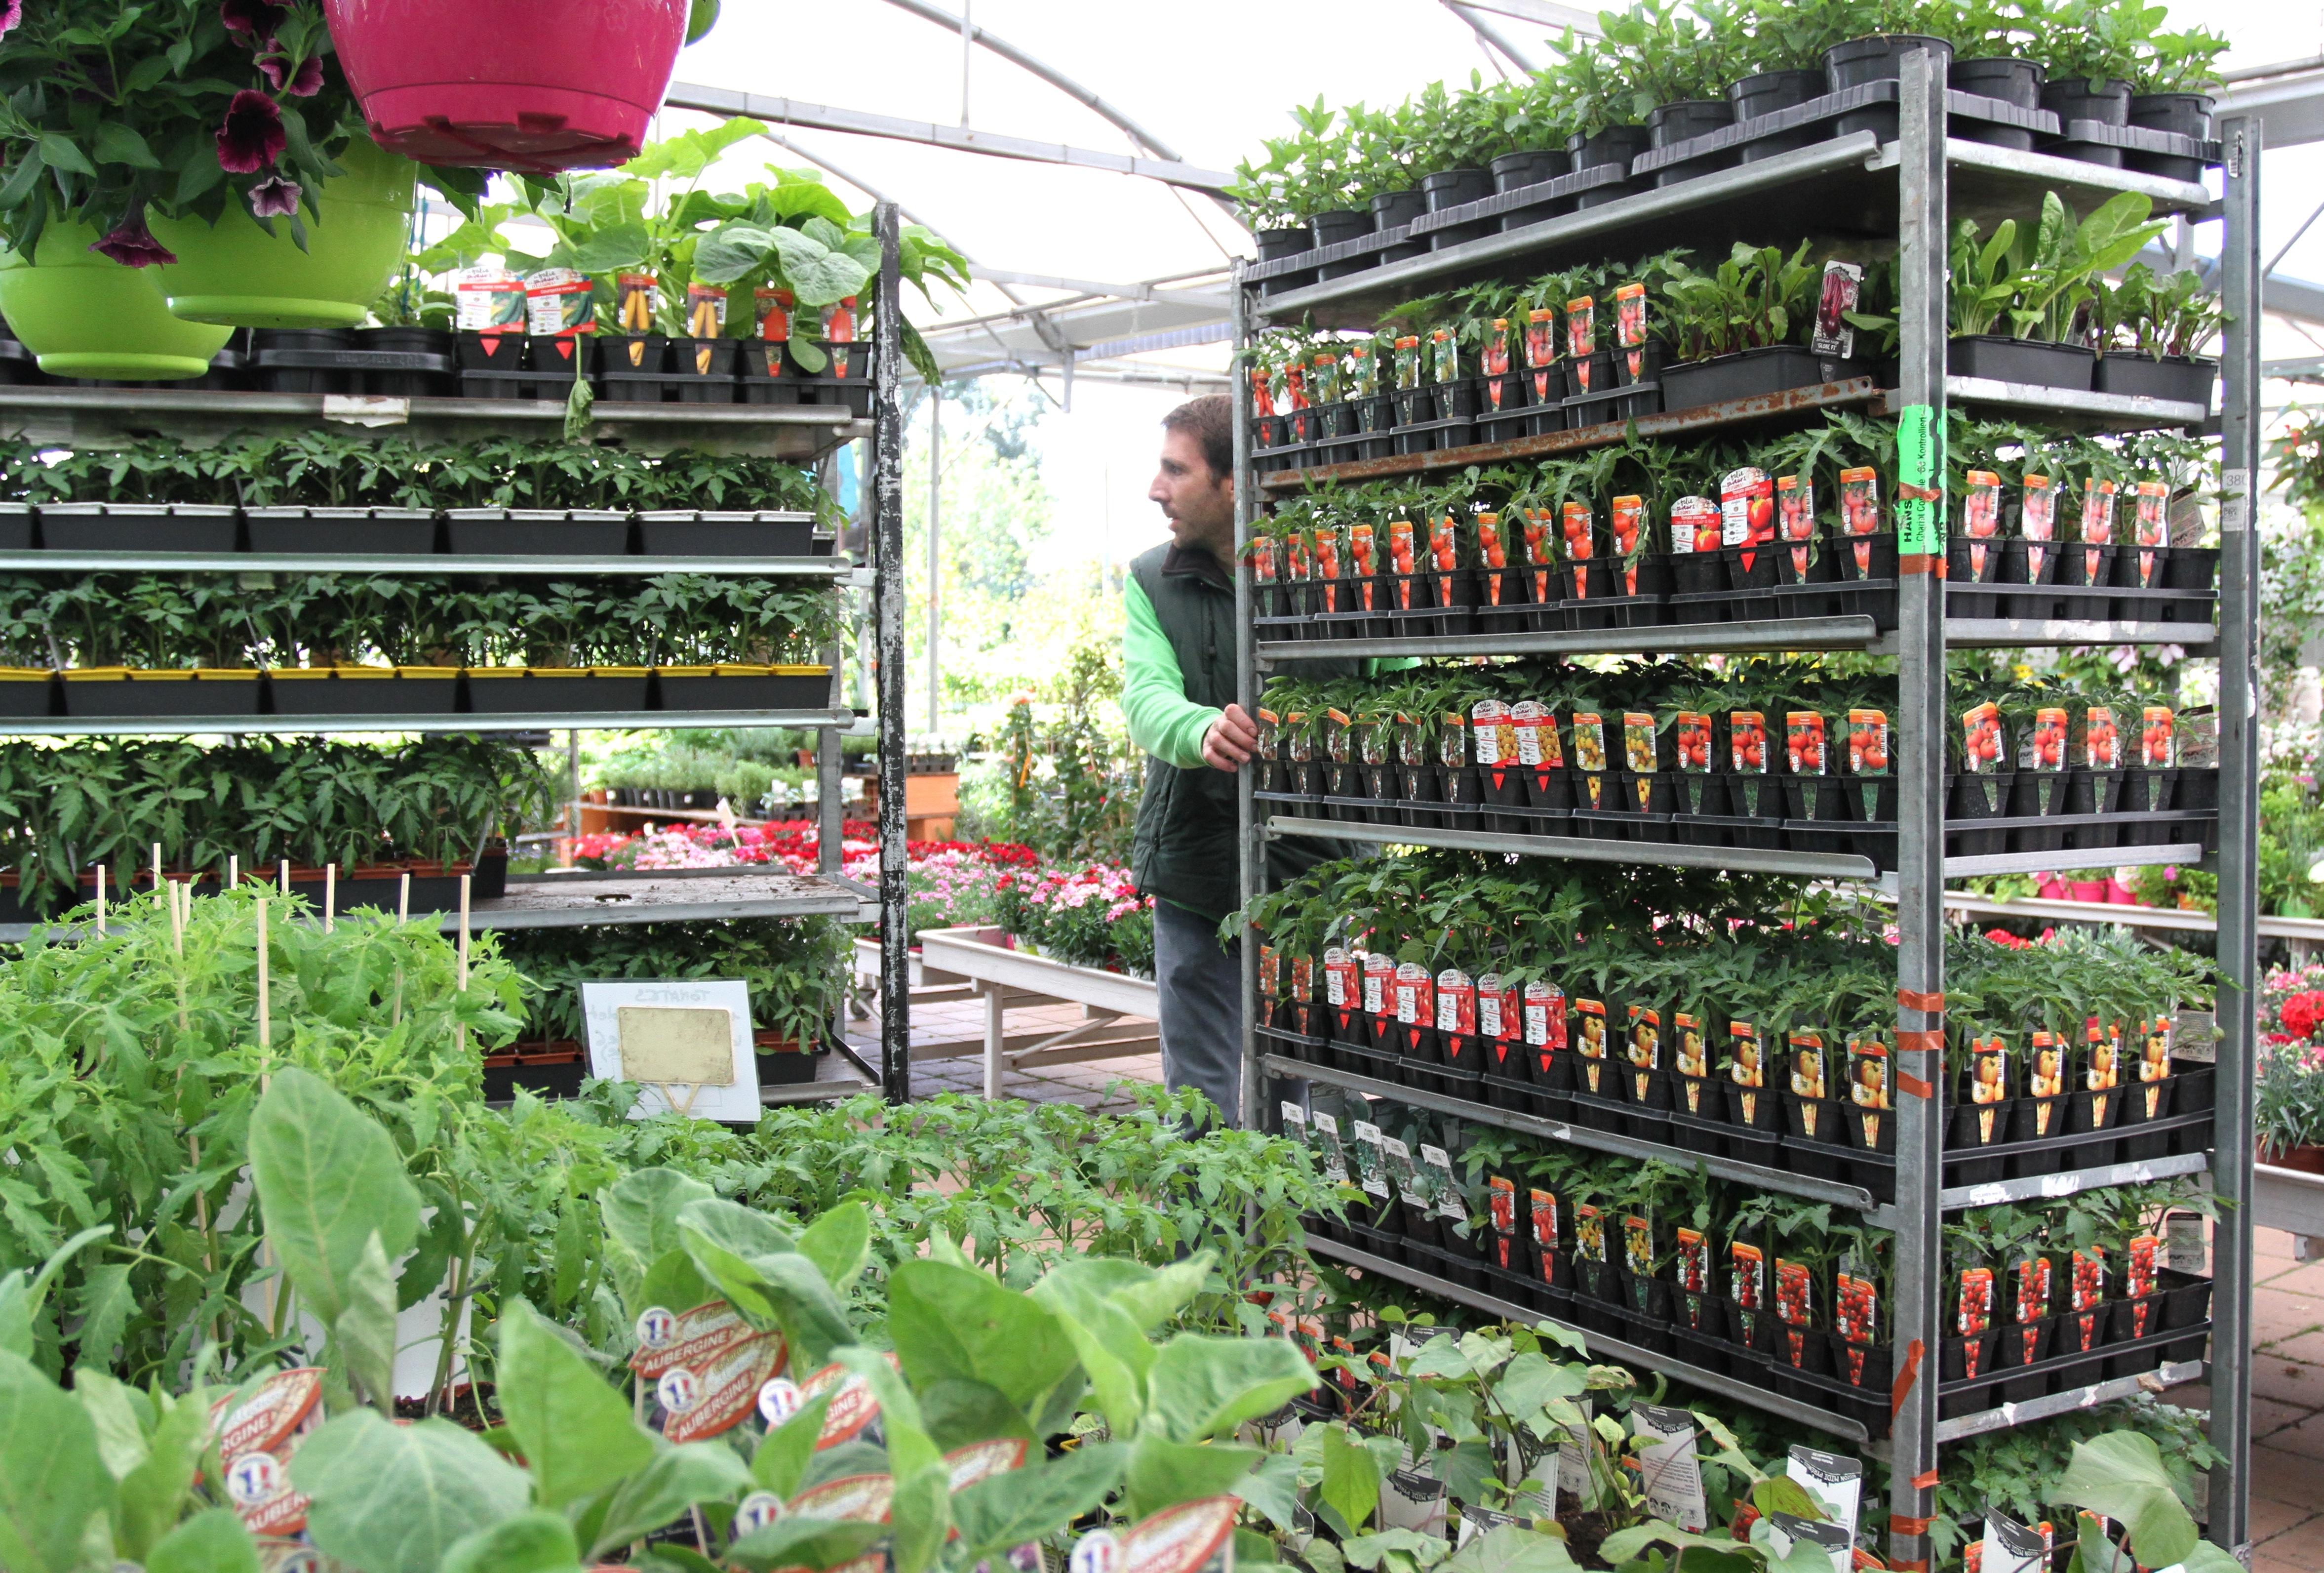 Jardin espaces verts du languedoc vous donne ses for Espaces verts du languedoc